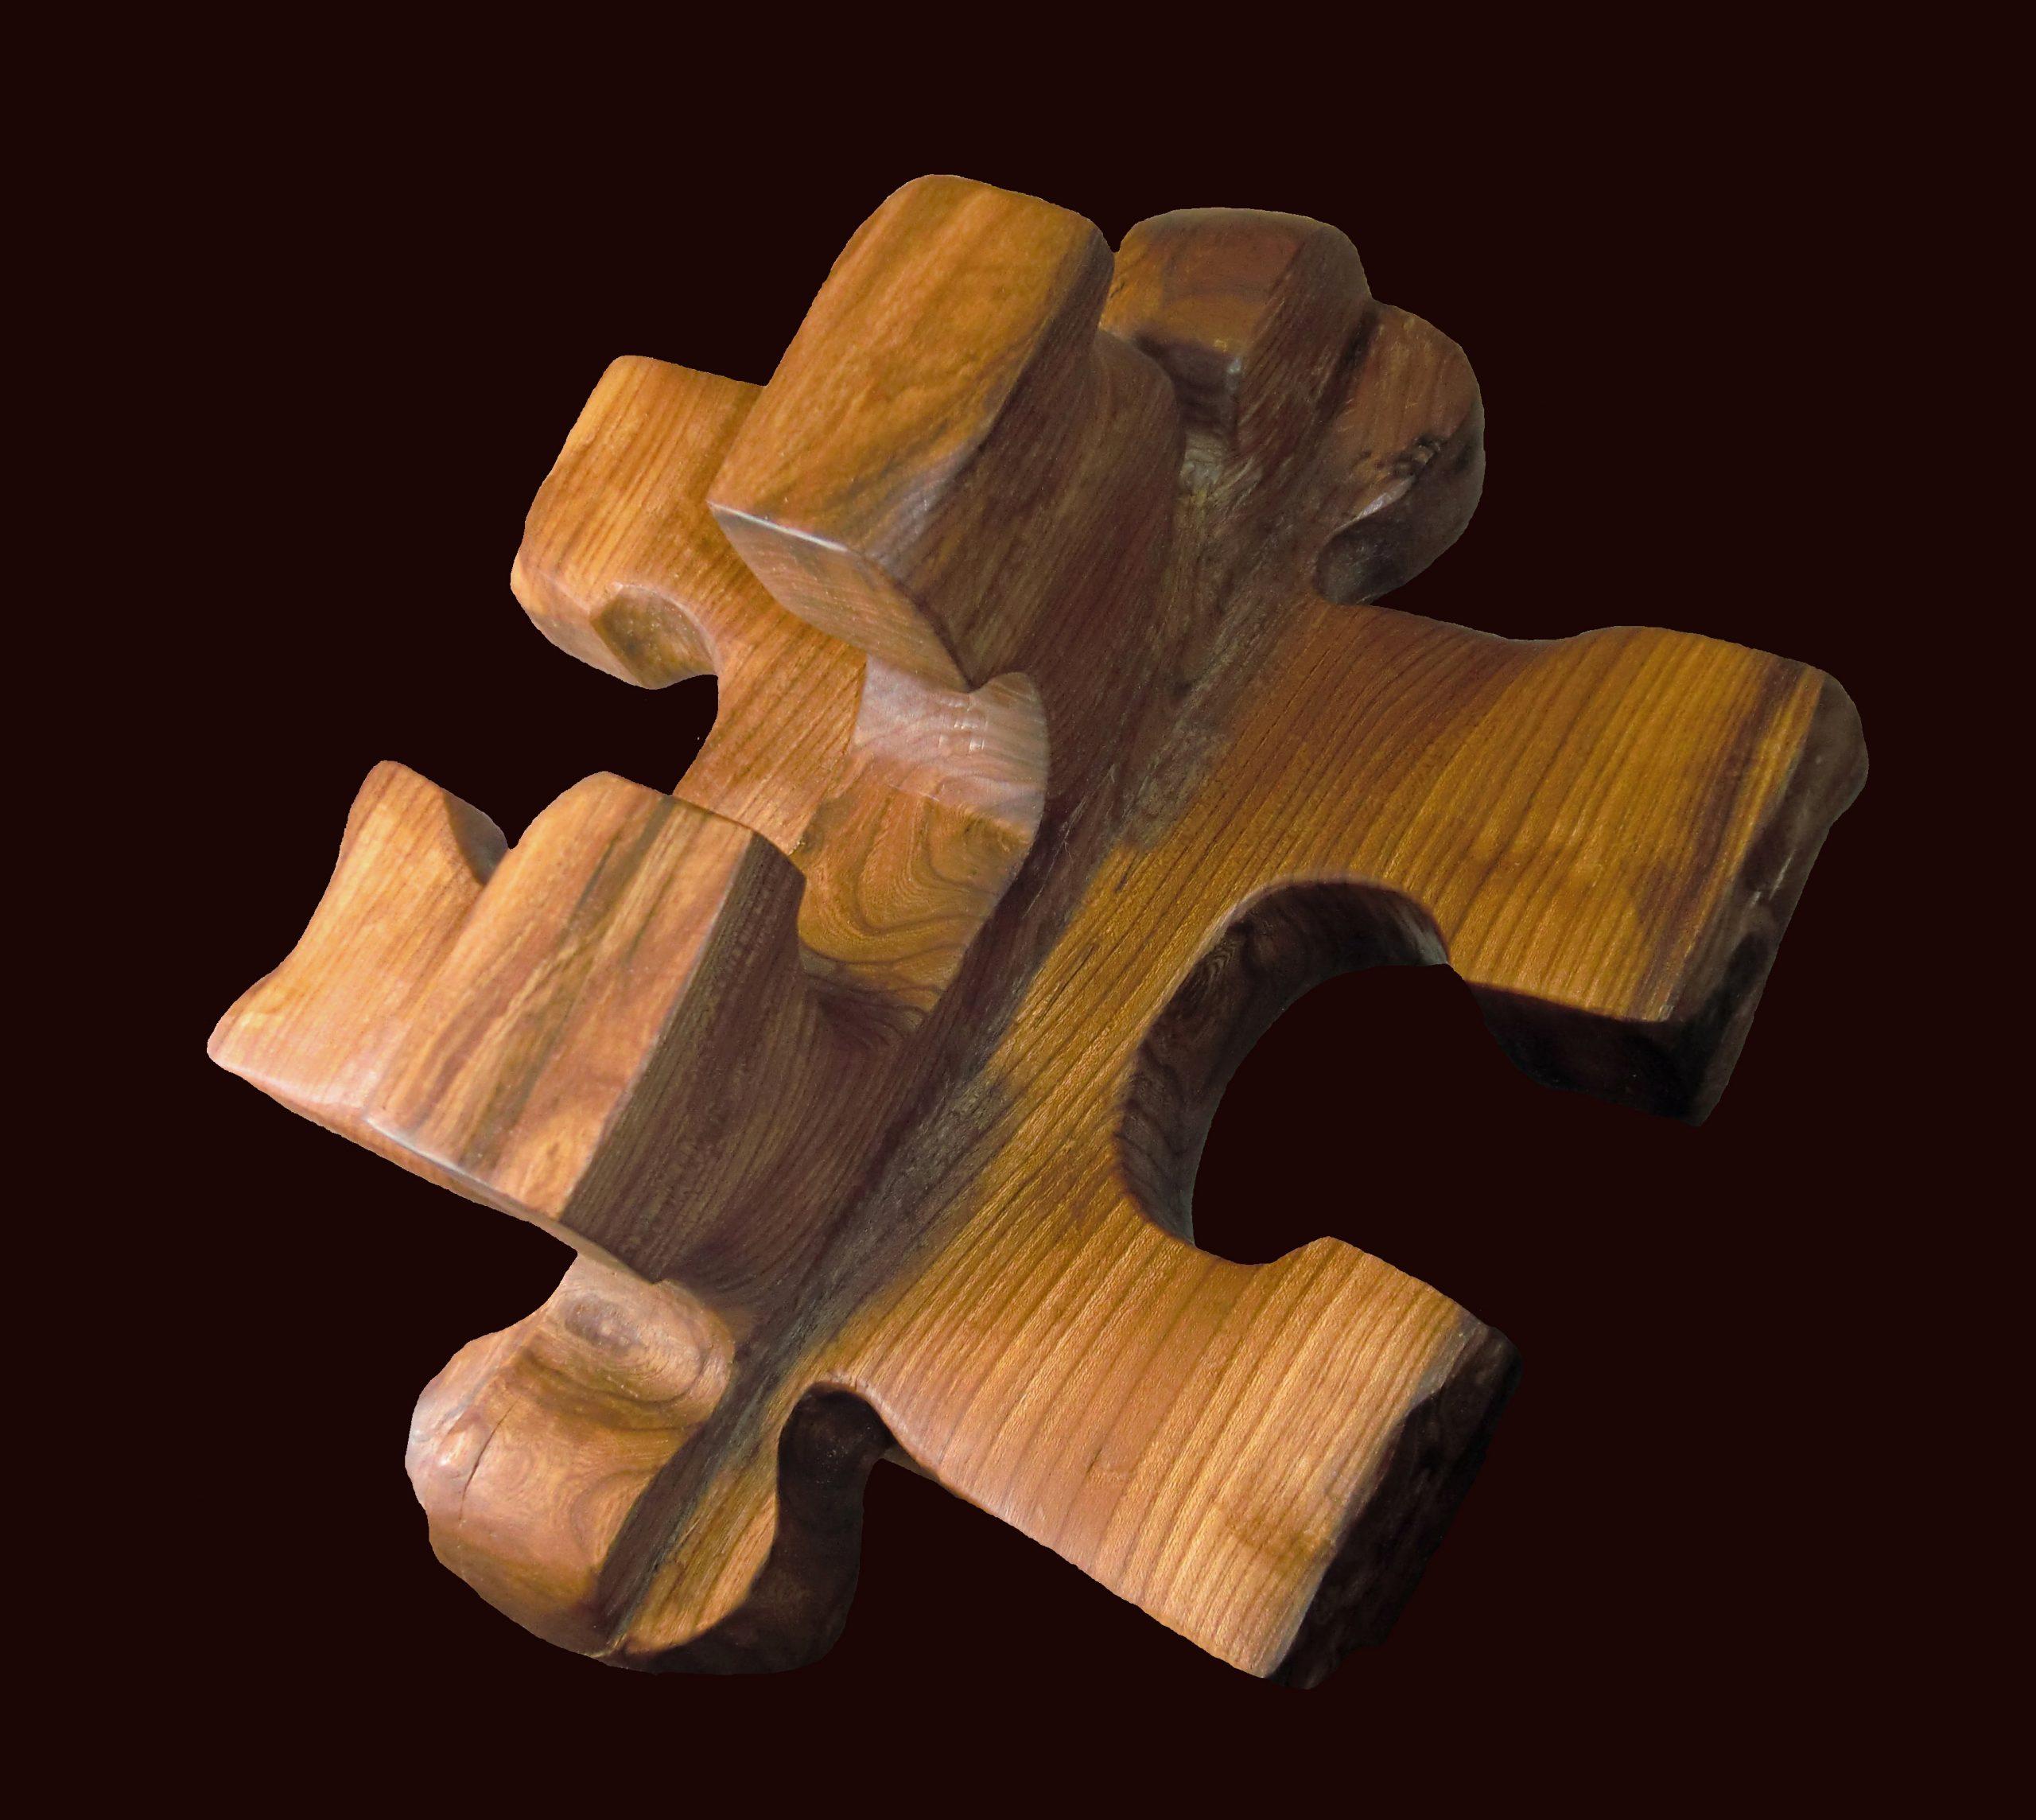 Photo de sculpture (deux pièces de puzzle emboitées perpendiculairement)